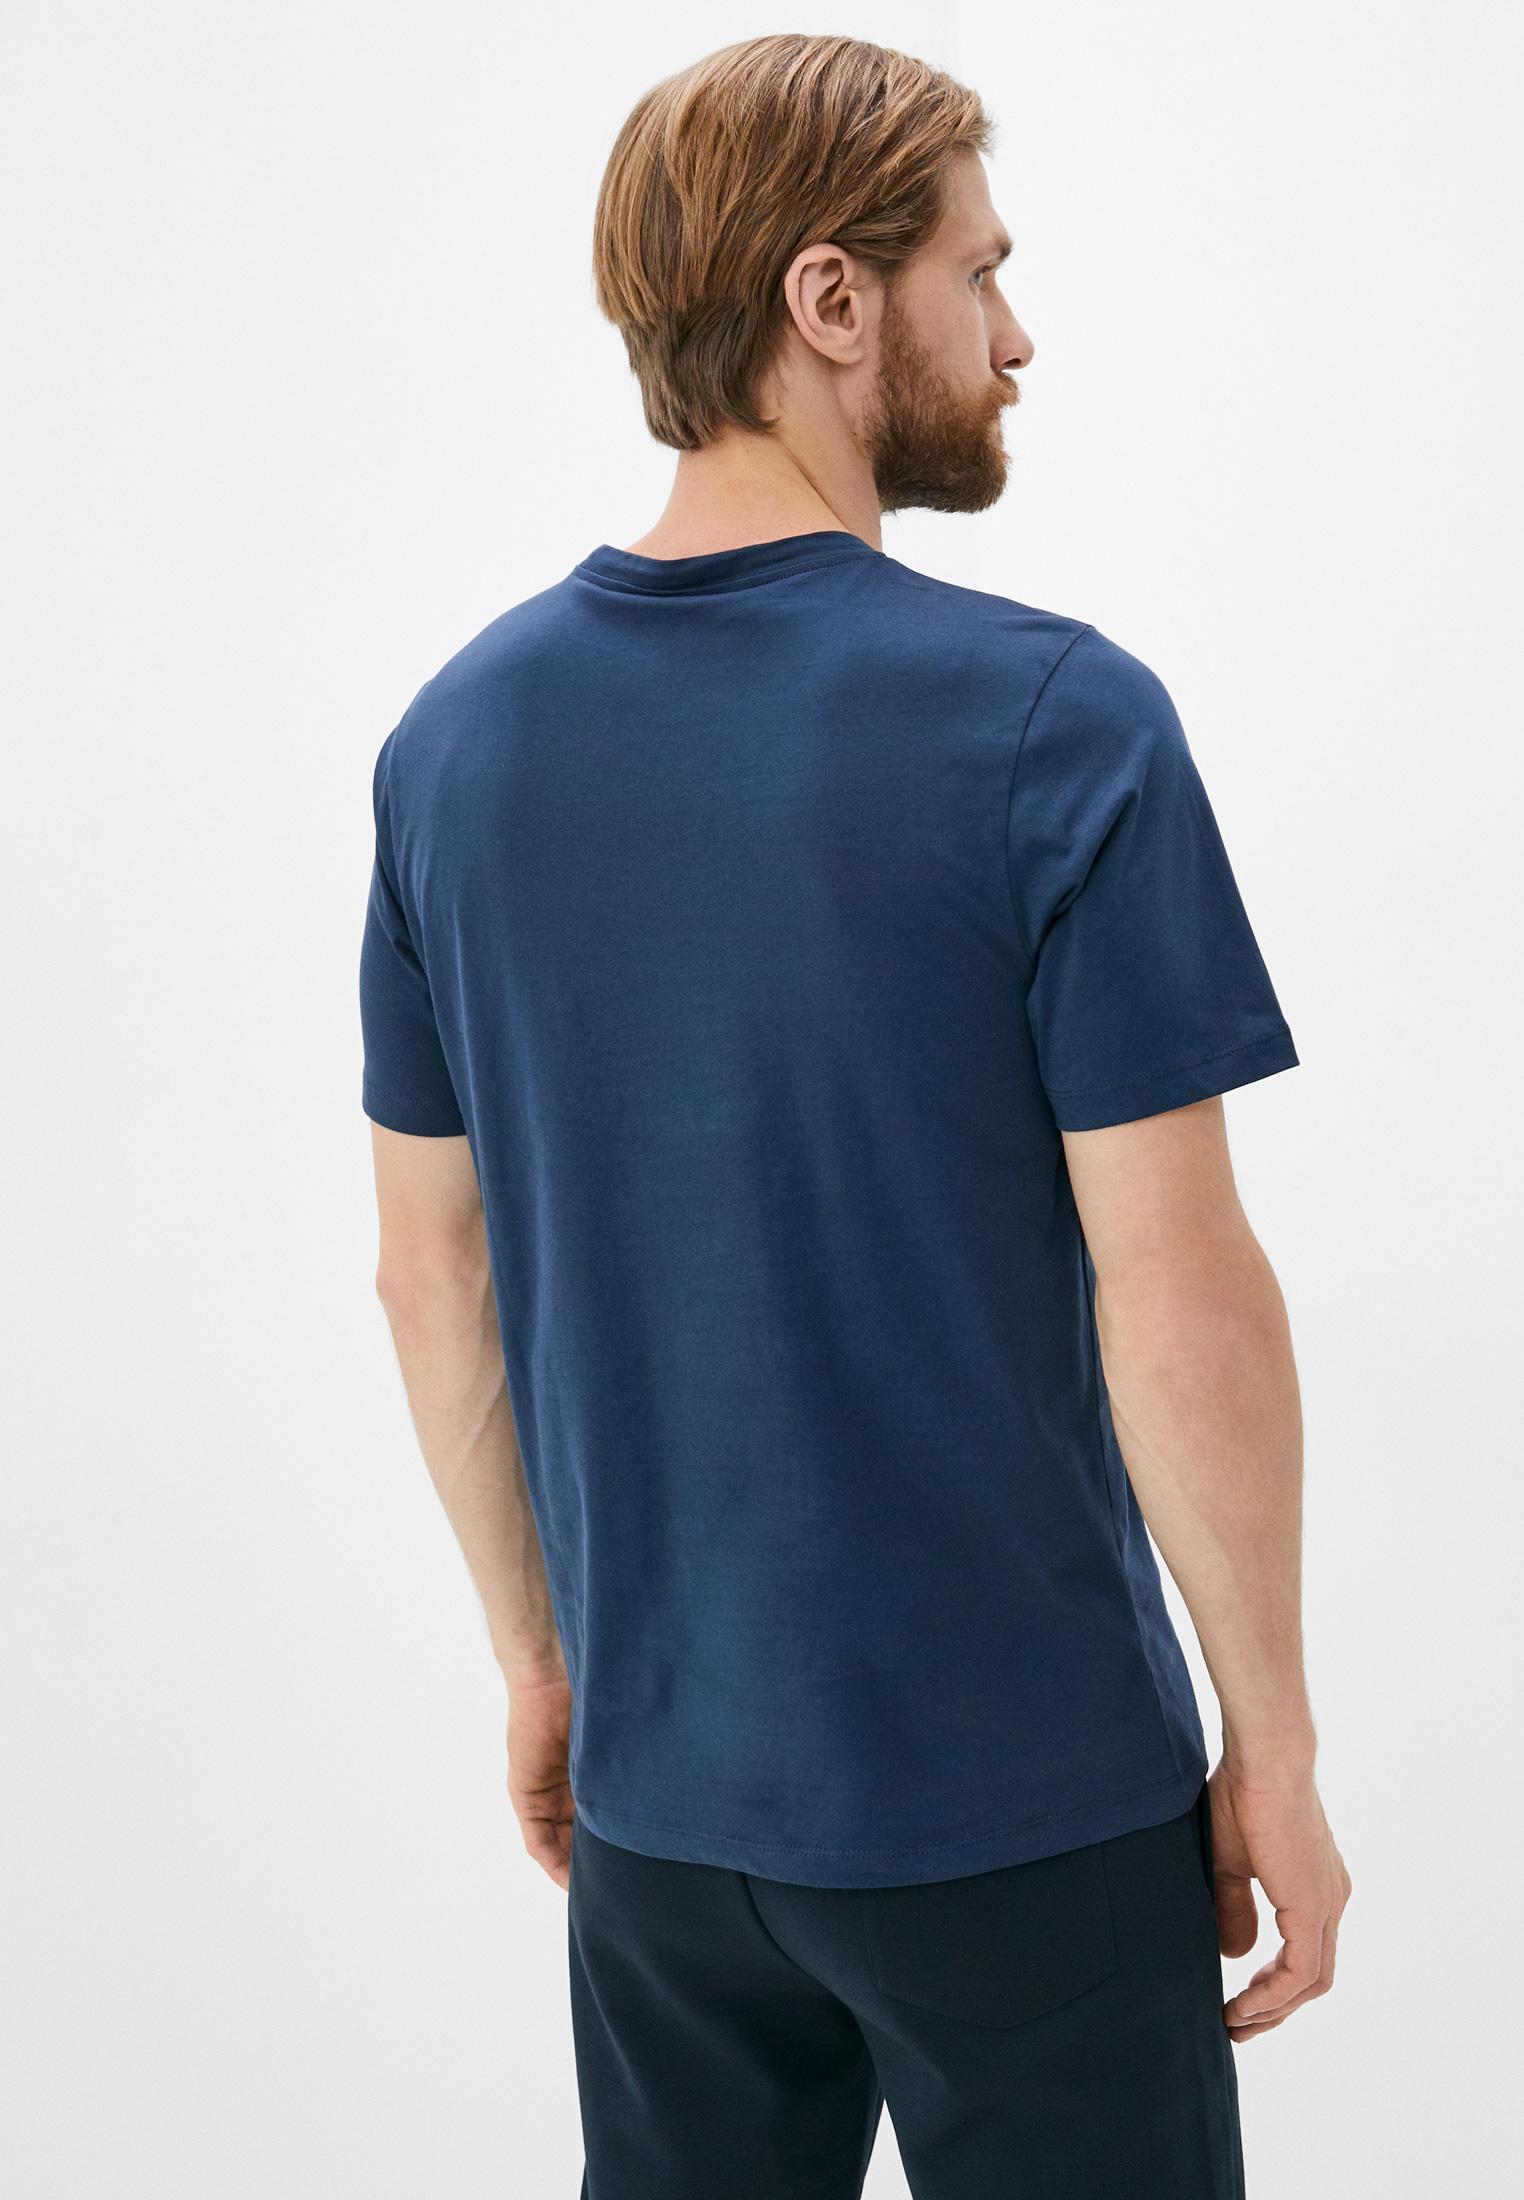 Мужская футболка Baldinini (Балдинини) TS03: изображение 4